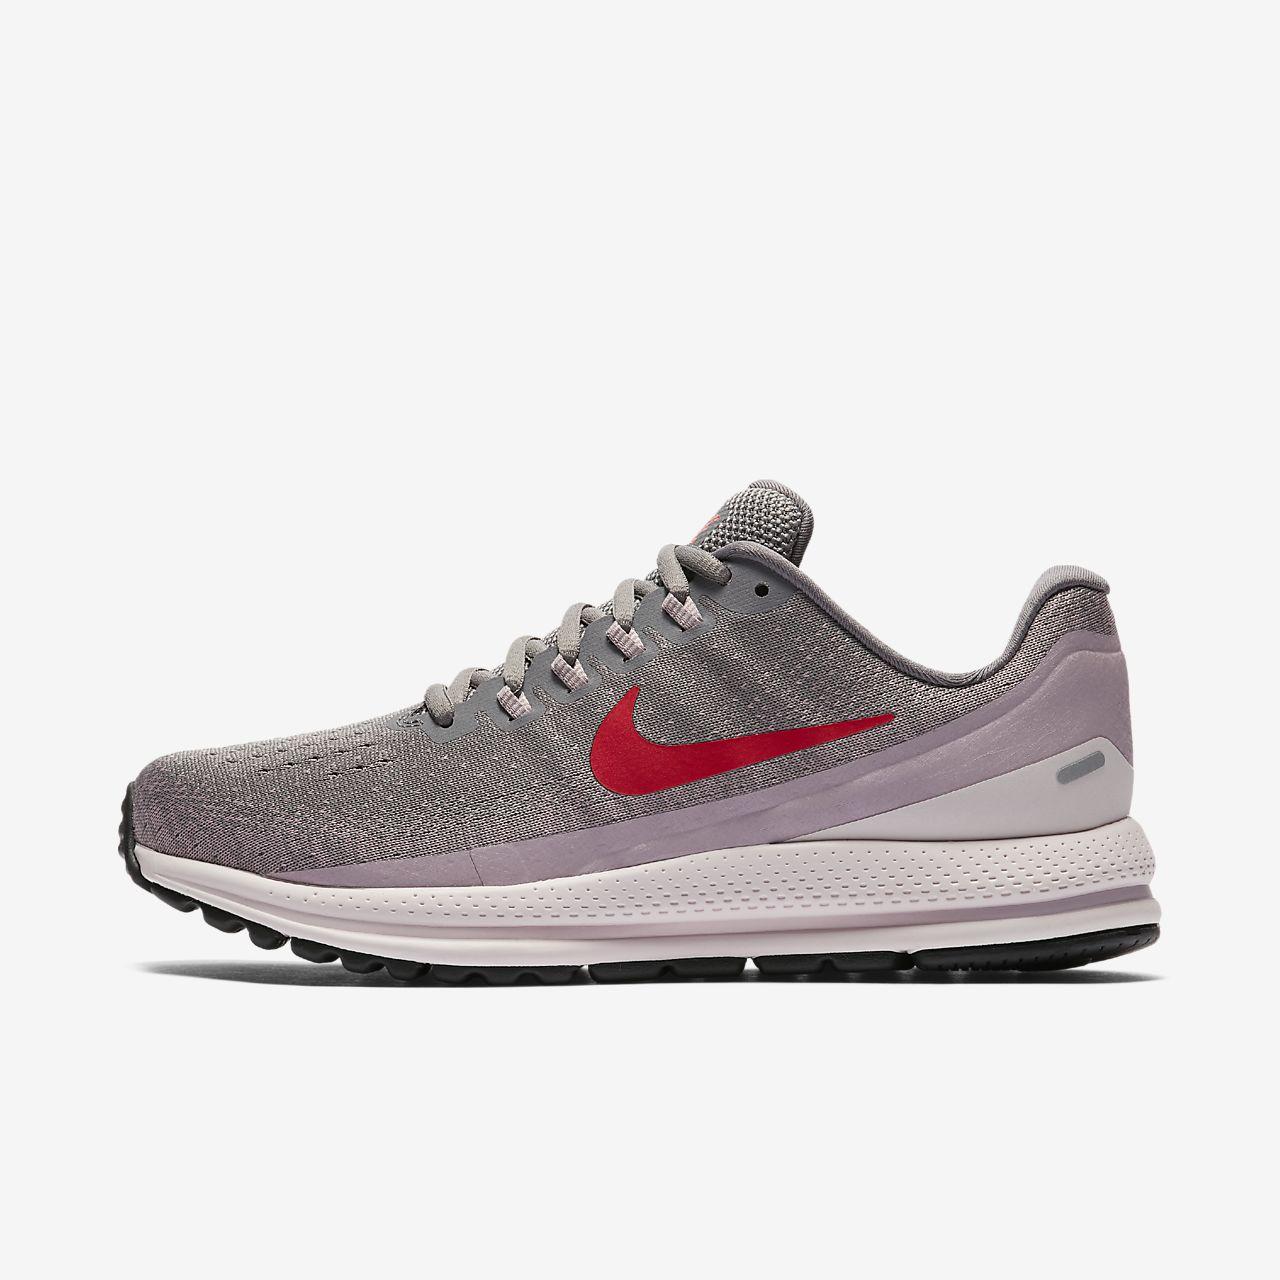 Löparsko Nike Air Zoom Vomero 13 för kvinnor